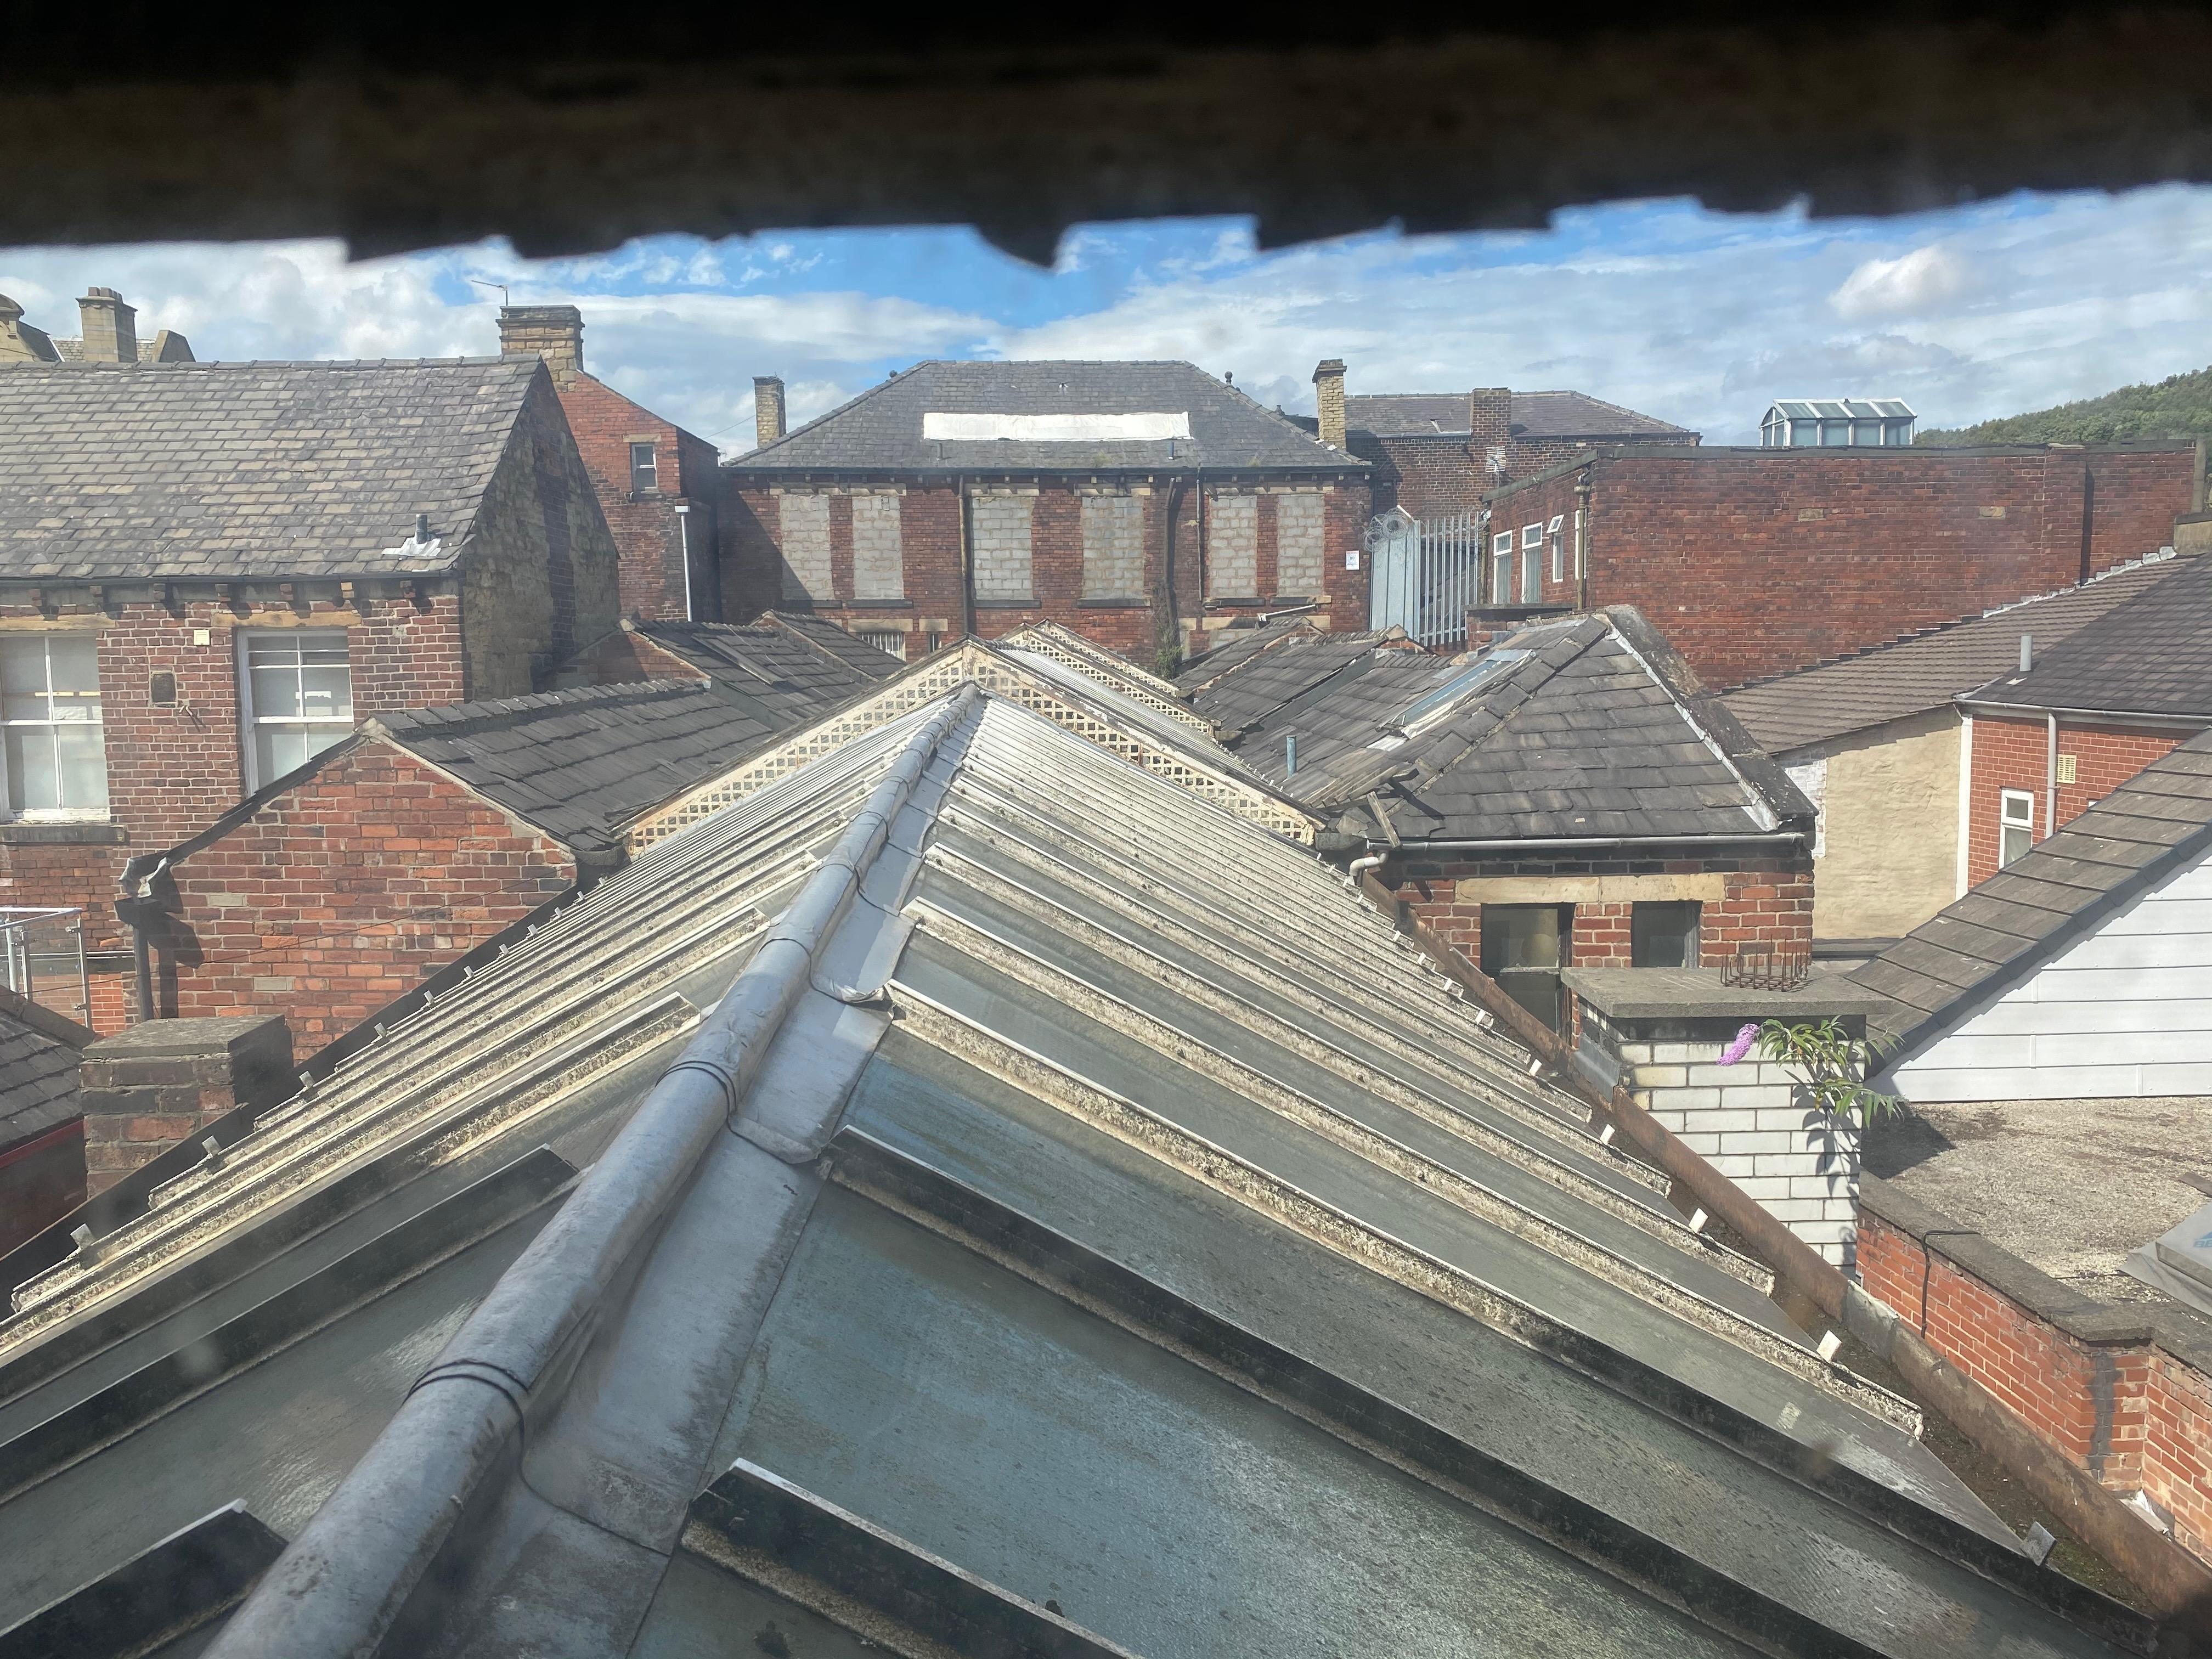 Roof of Dewsbury Arcade